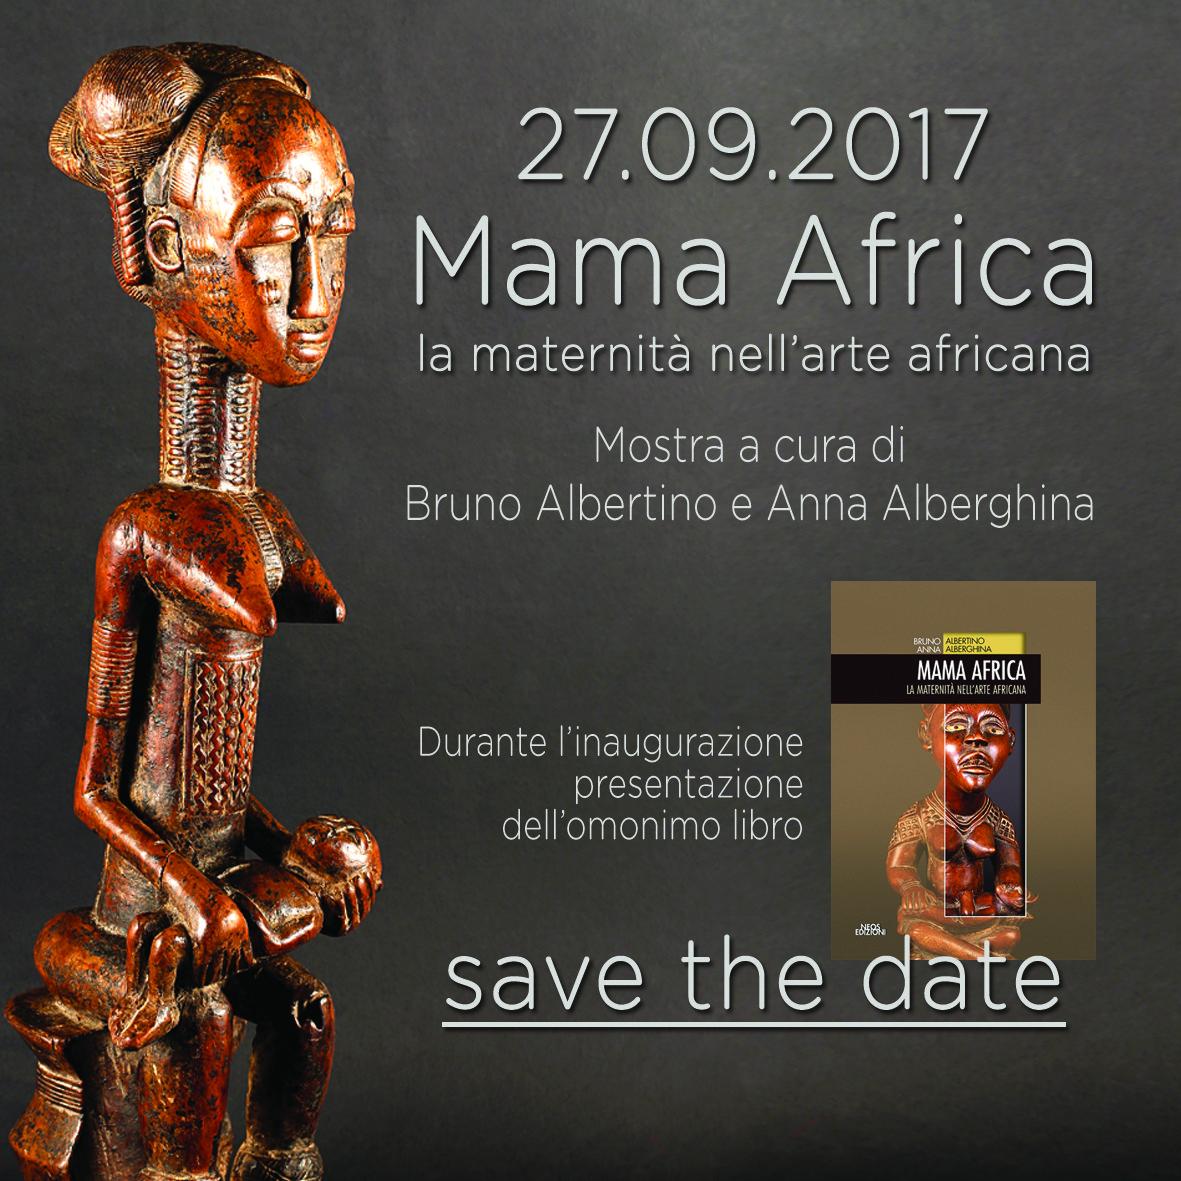 datazione di una donna africana